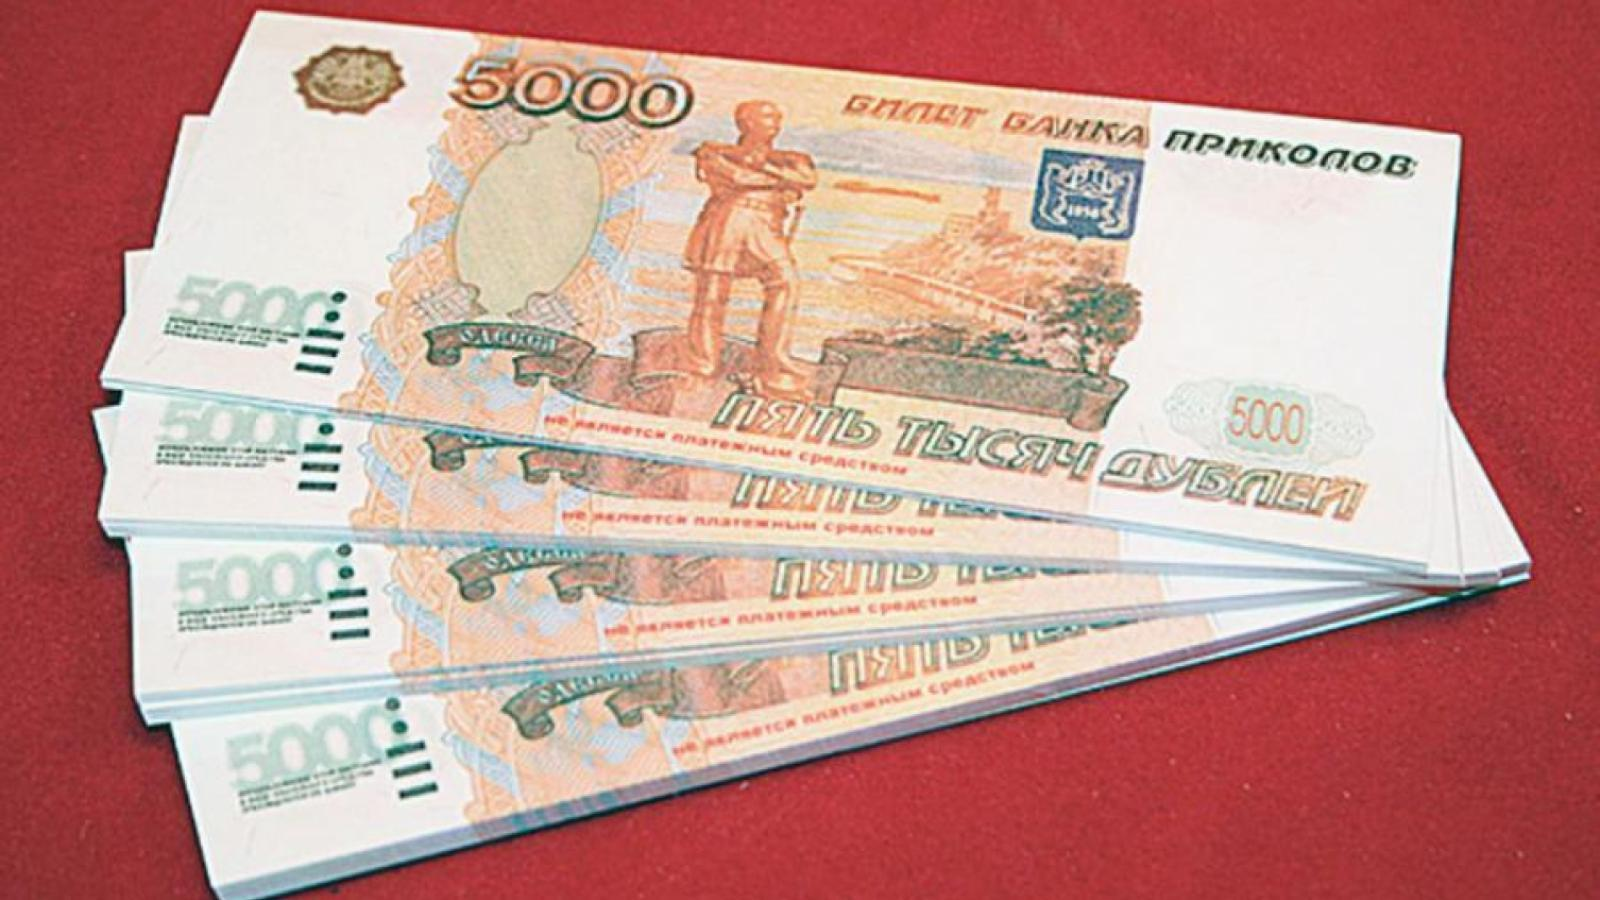 Женщина расплатилась в магазине фальшивыми деньгами